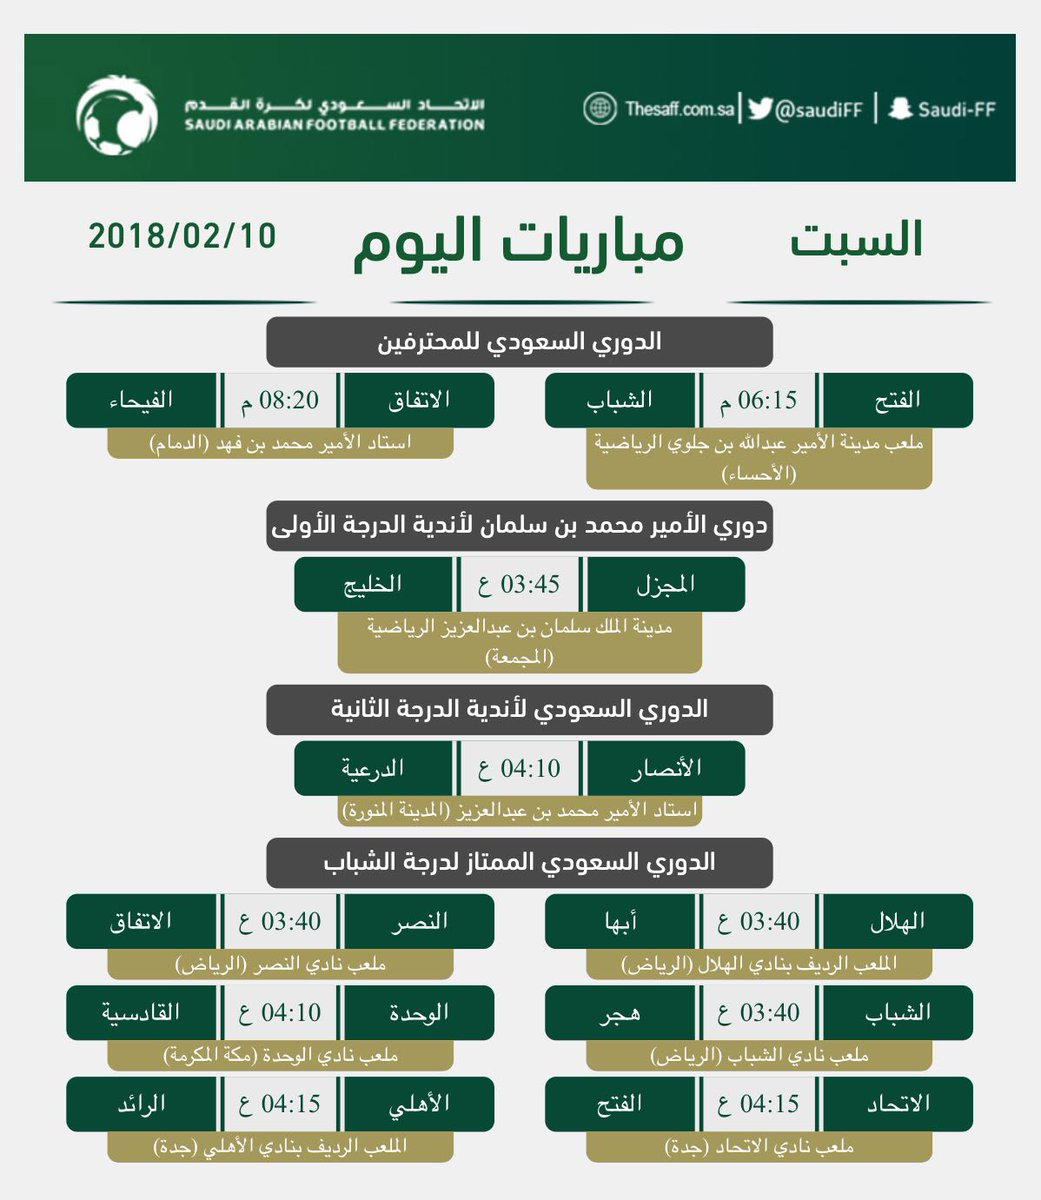 جدول مباريات اليوم السبت صحيفة صراحة الالكترونية